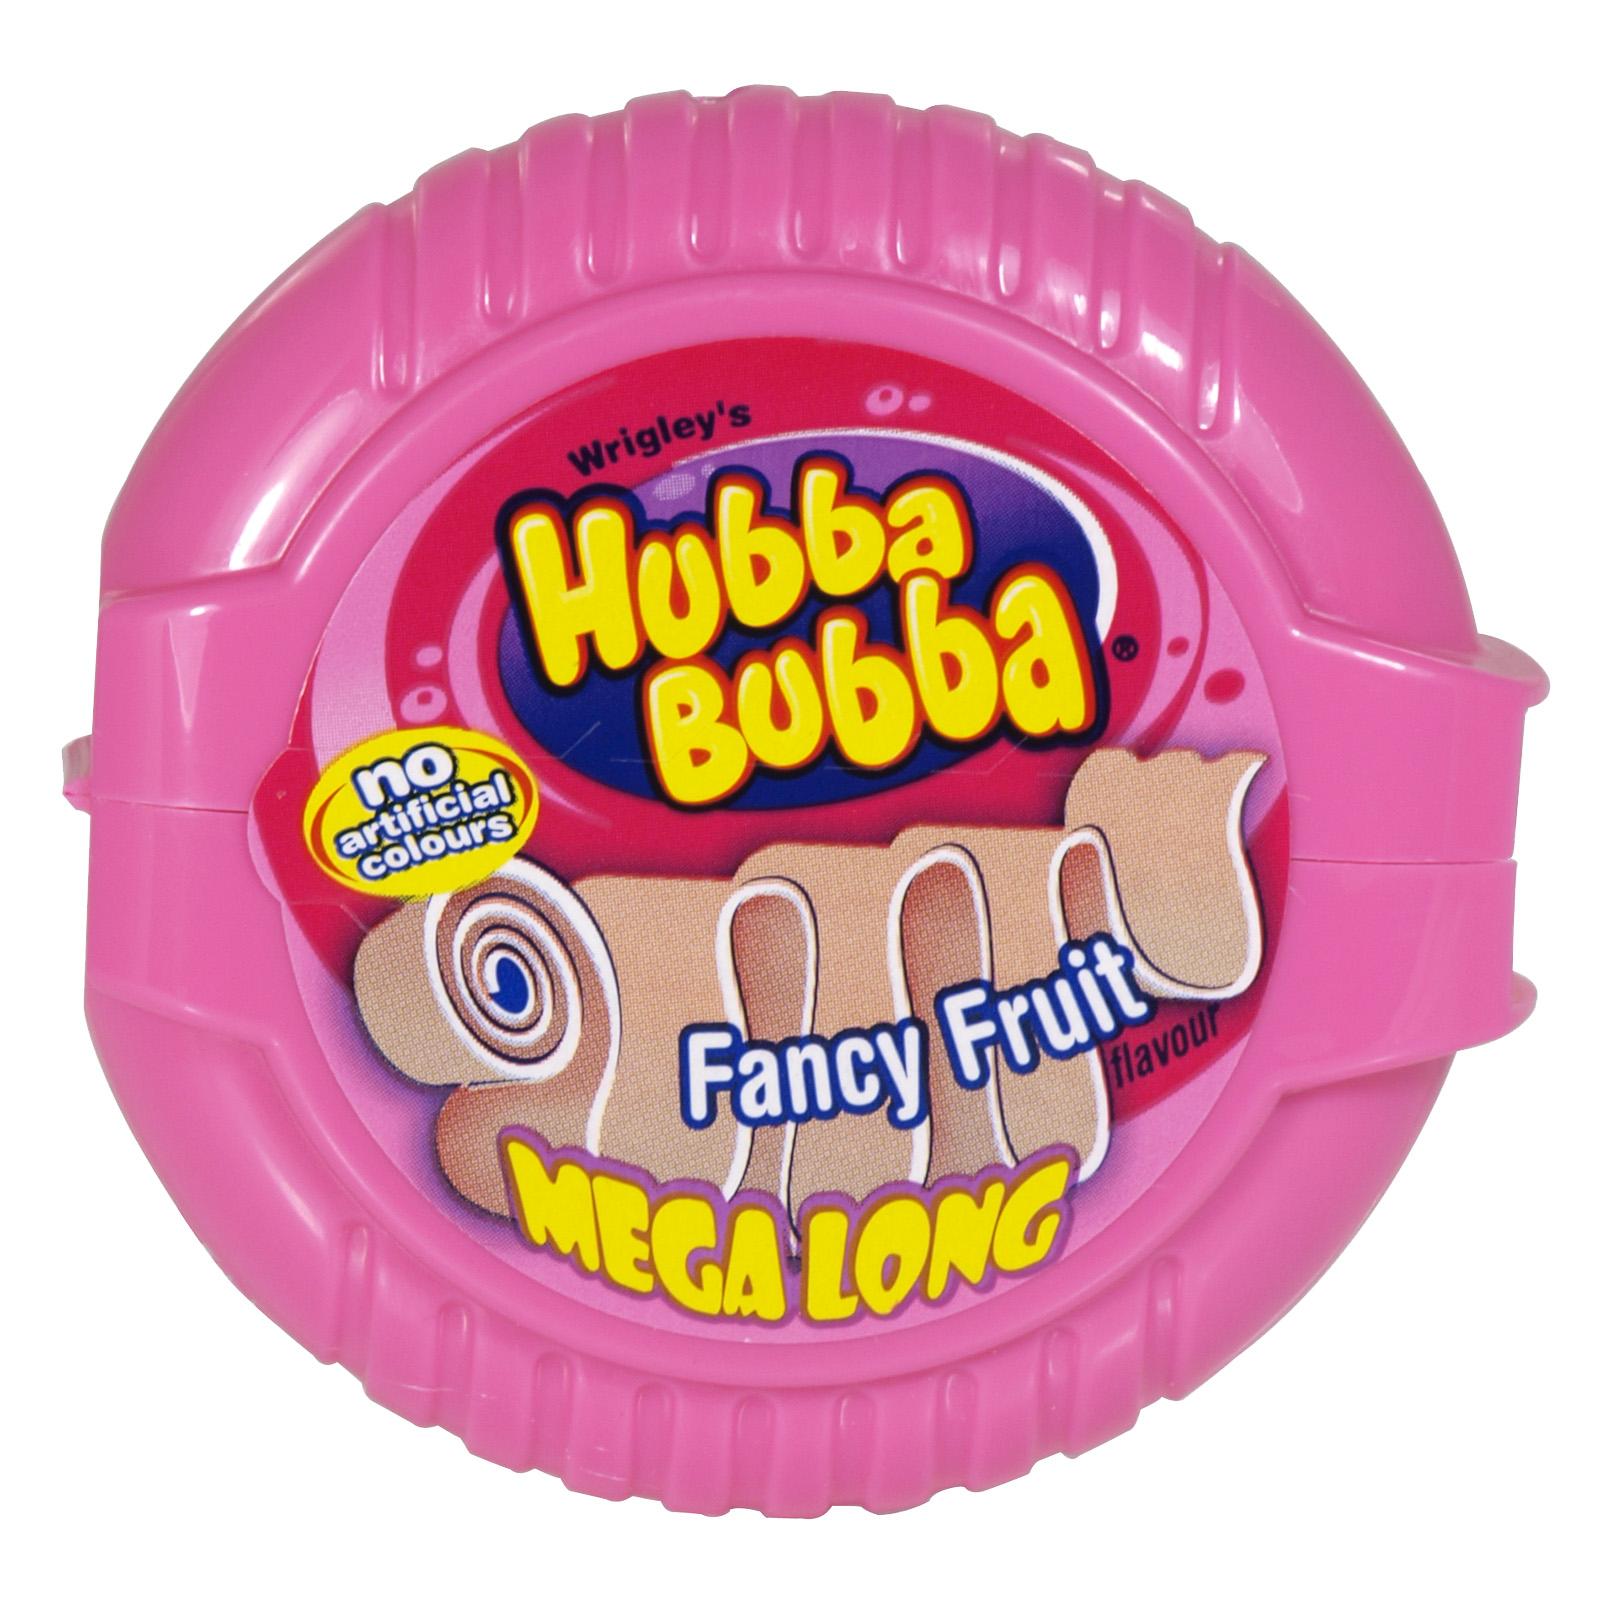 HUBBA BUBBA FANCY FRUIT TAPE 56GM X12